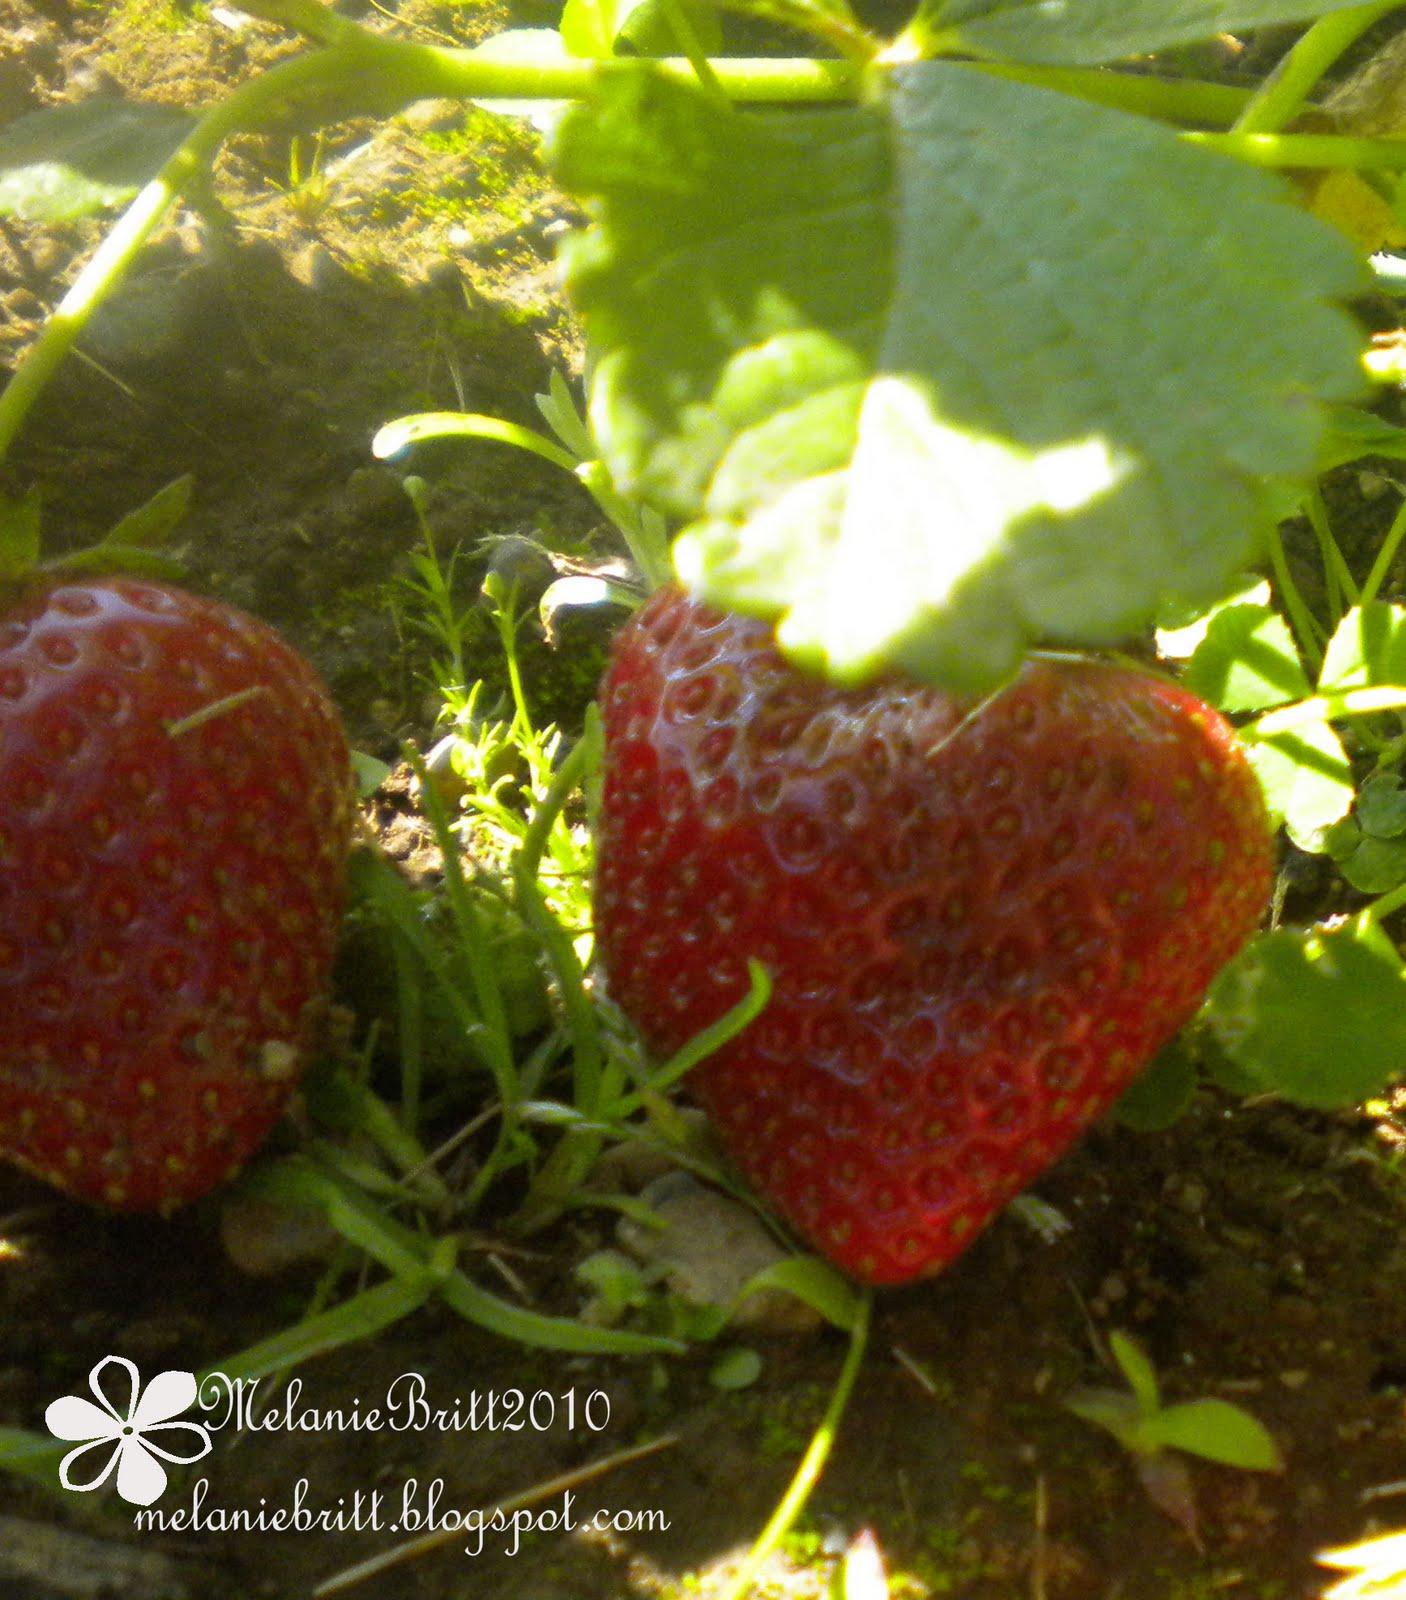 Melanie Britt | embrace.lifes.journey.: Garden Fresh Strawberries ...